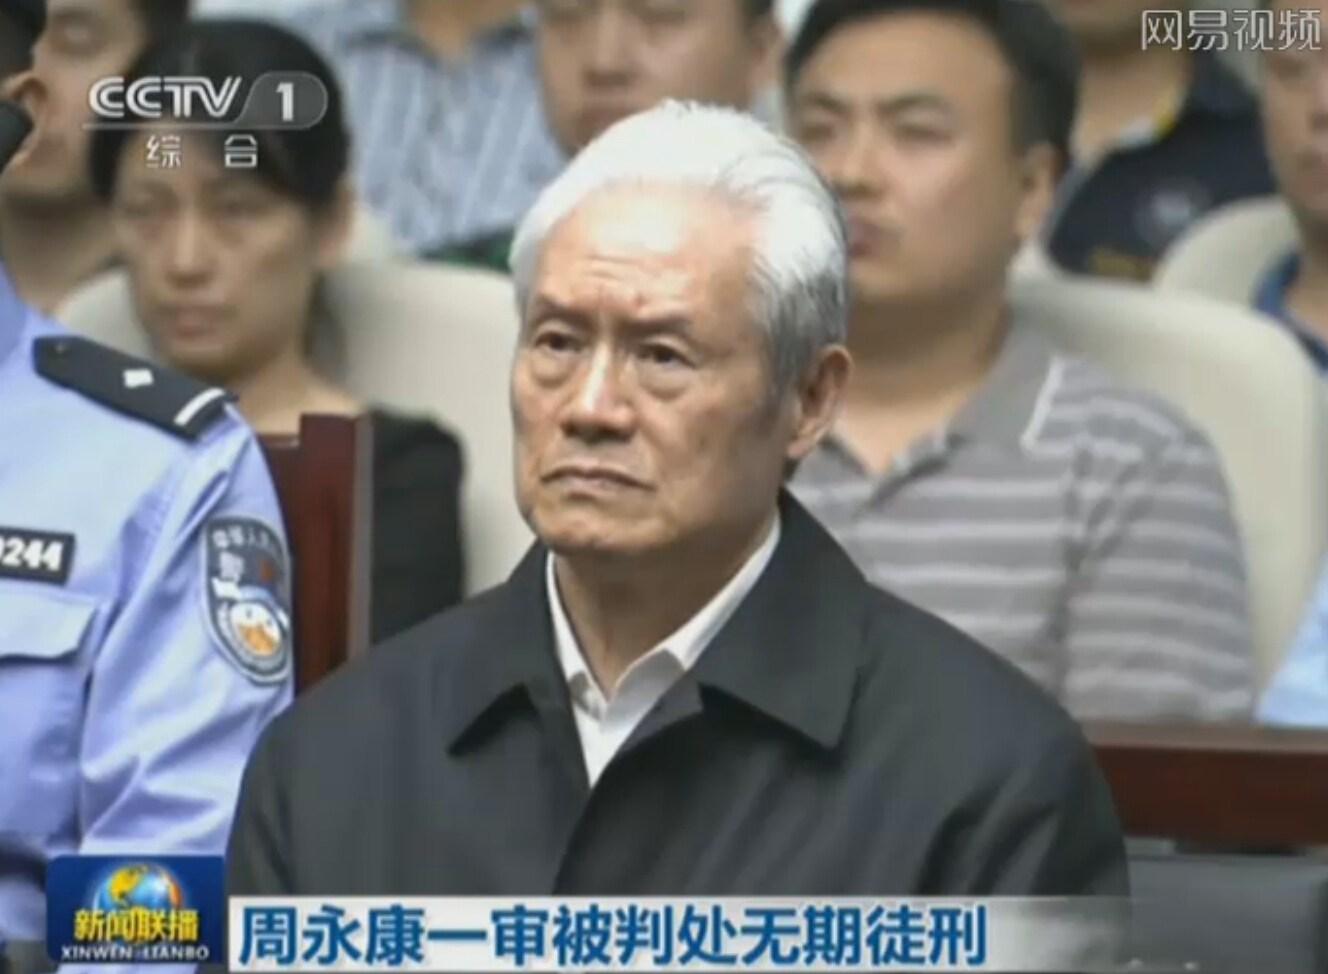 央视新闻 | 周永康之子周滨一审获刑18年 (附网民评论)